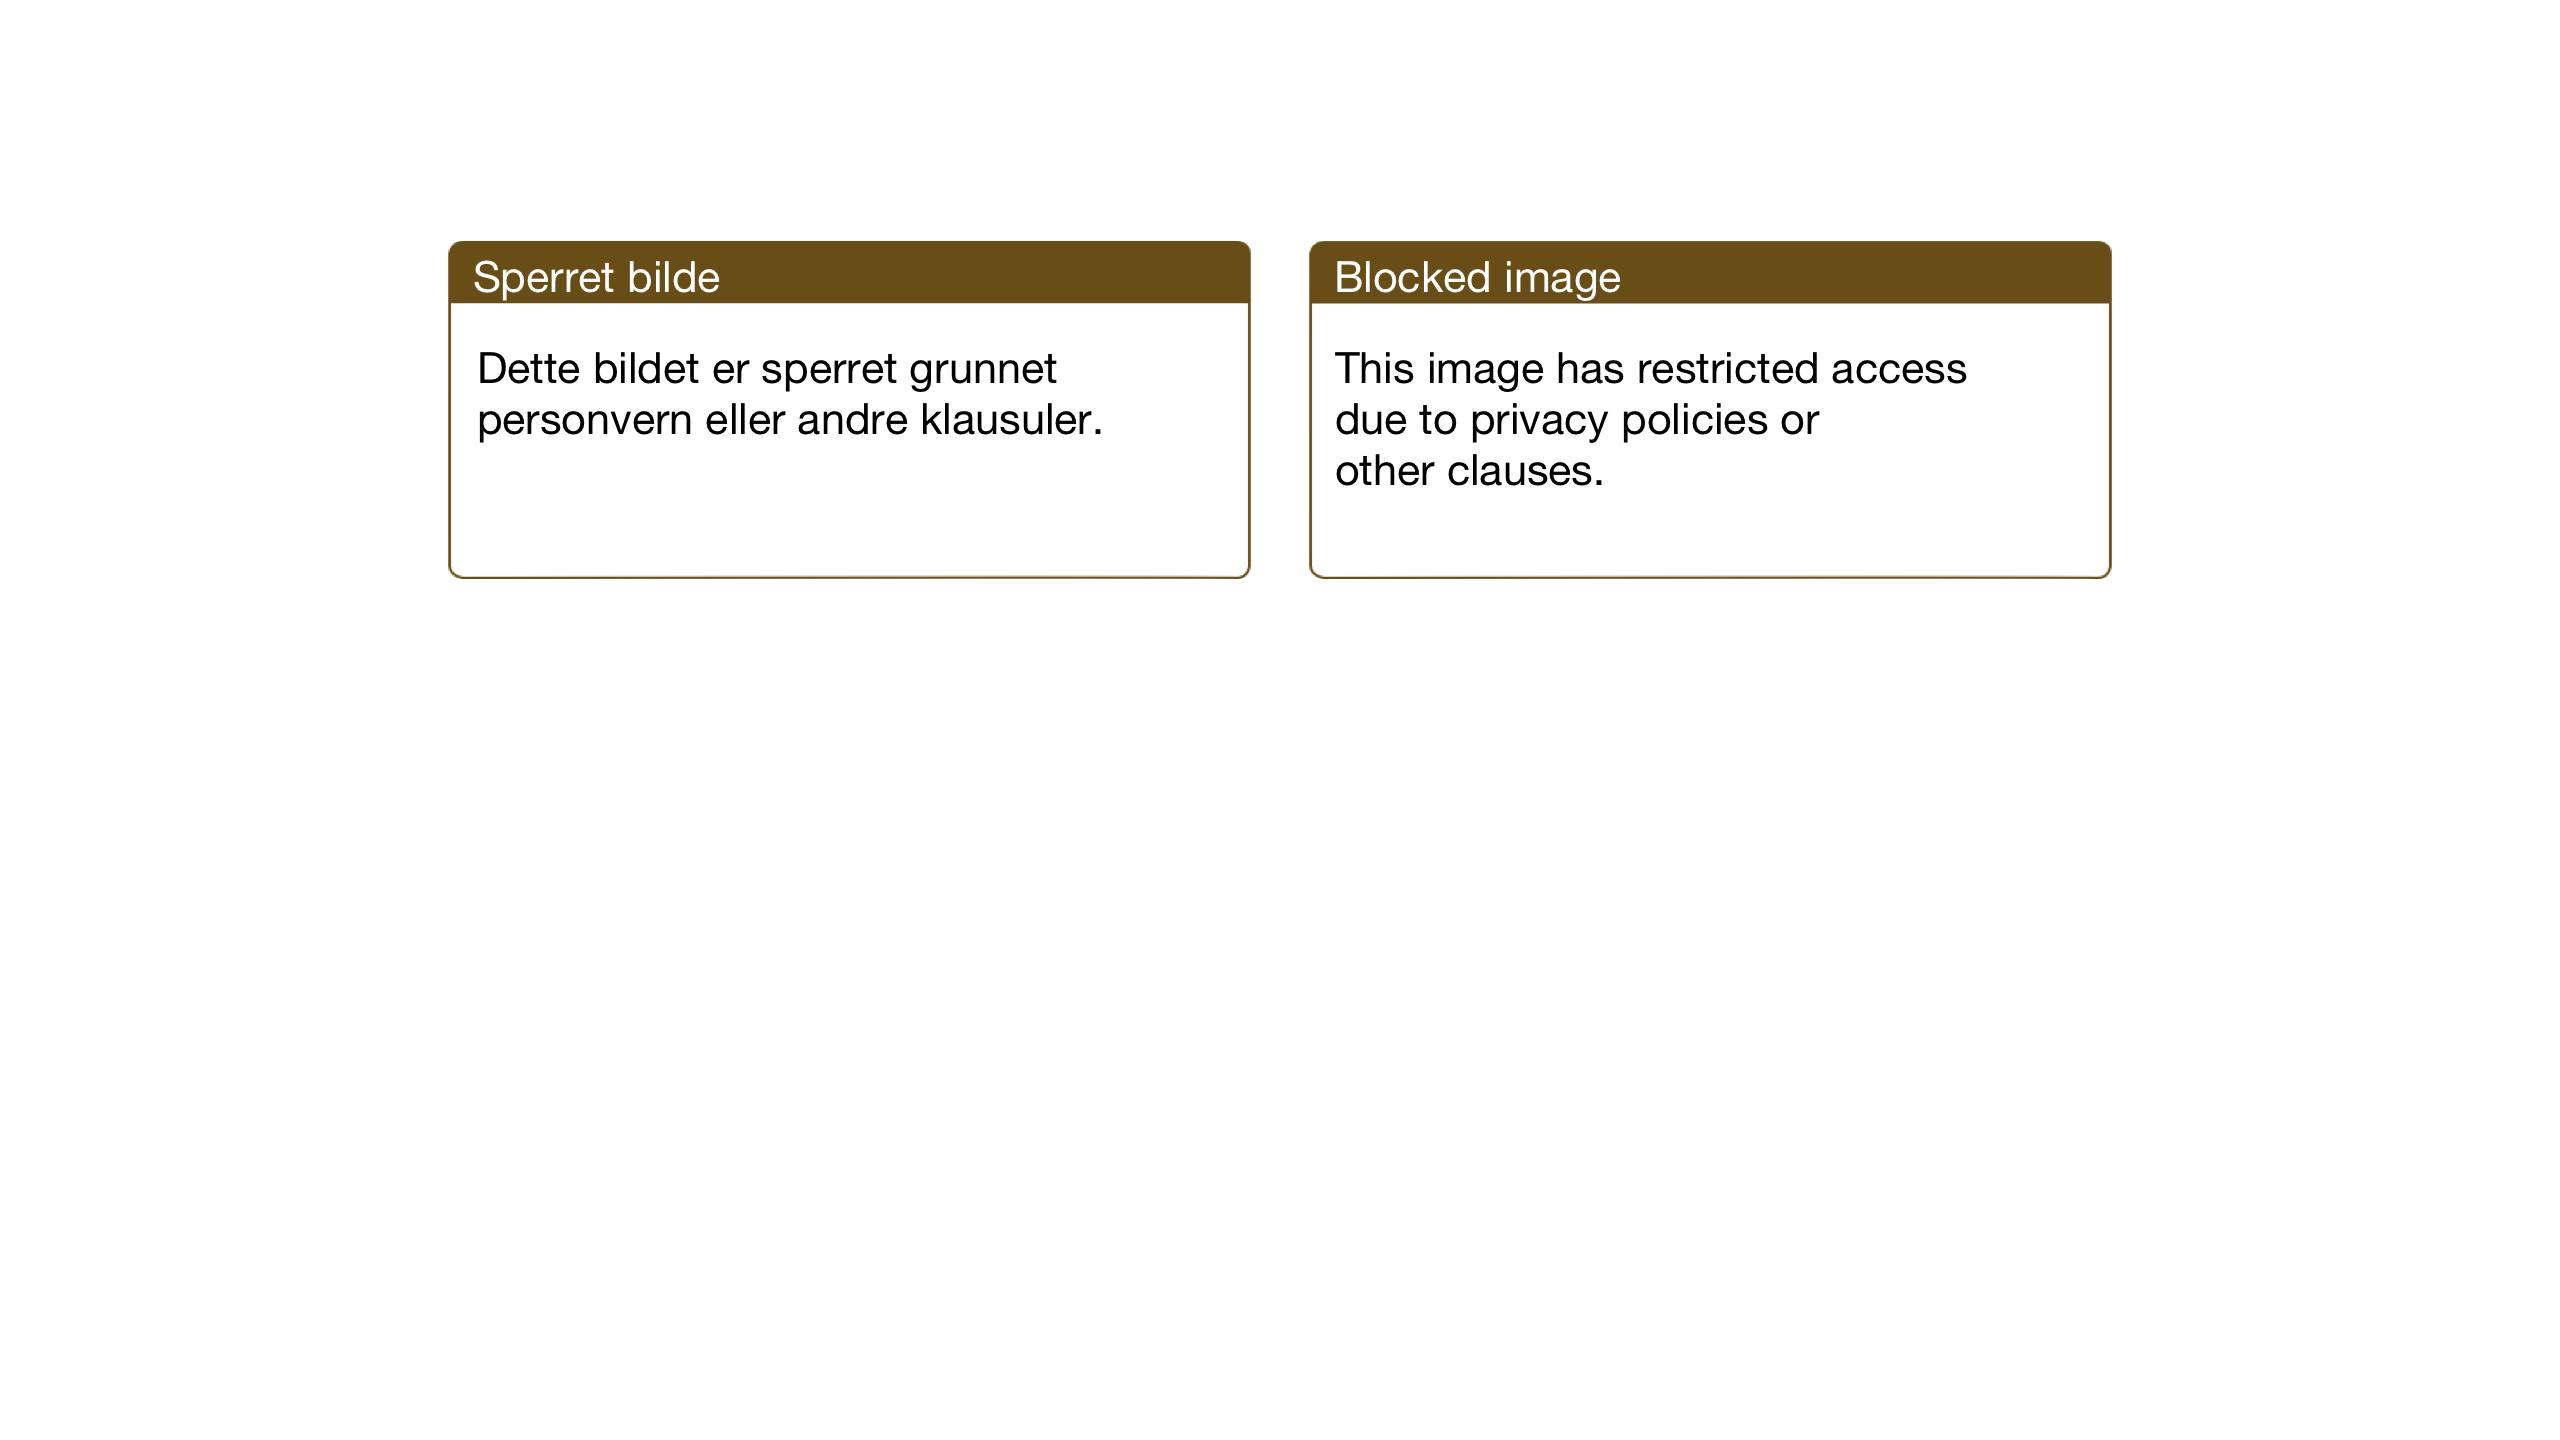 SAT, Ministerialprotokoller, klokkerbøker og fødselsregistre - Sør-Trøndelag, 604/L0210: Ministerialbok nr. 604A30, 1932-1946, s. 82